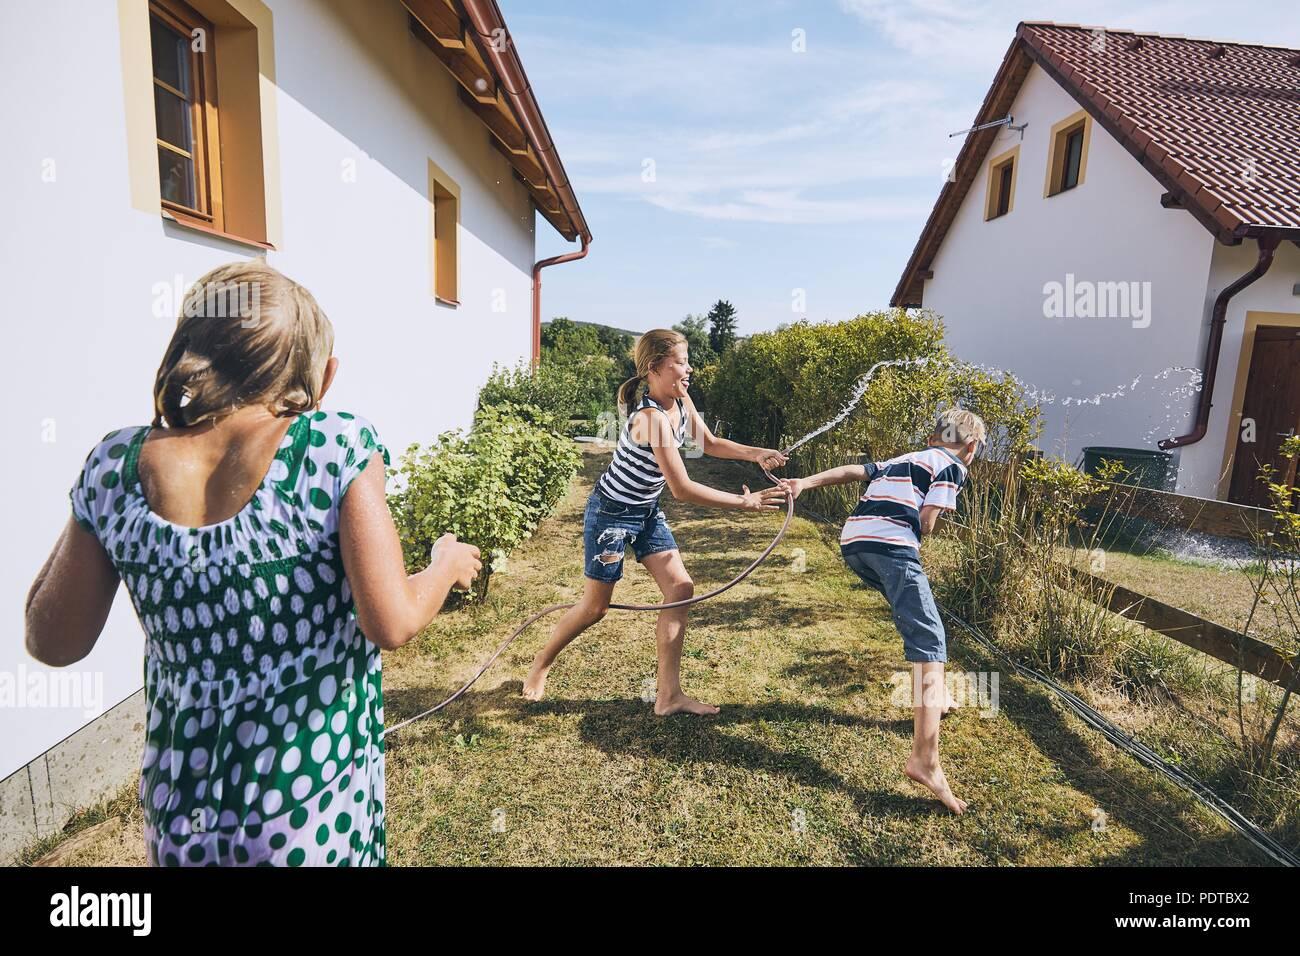 Les enfants s'amusant avec les projections d'eau. Frères et sœurs sur la cour arrière de la maison au cours de journée d'été. Photo Stock